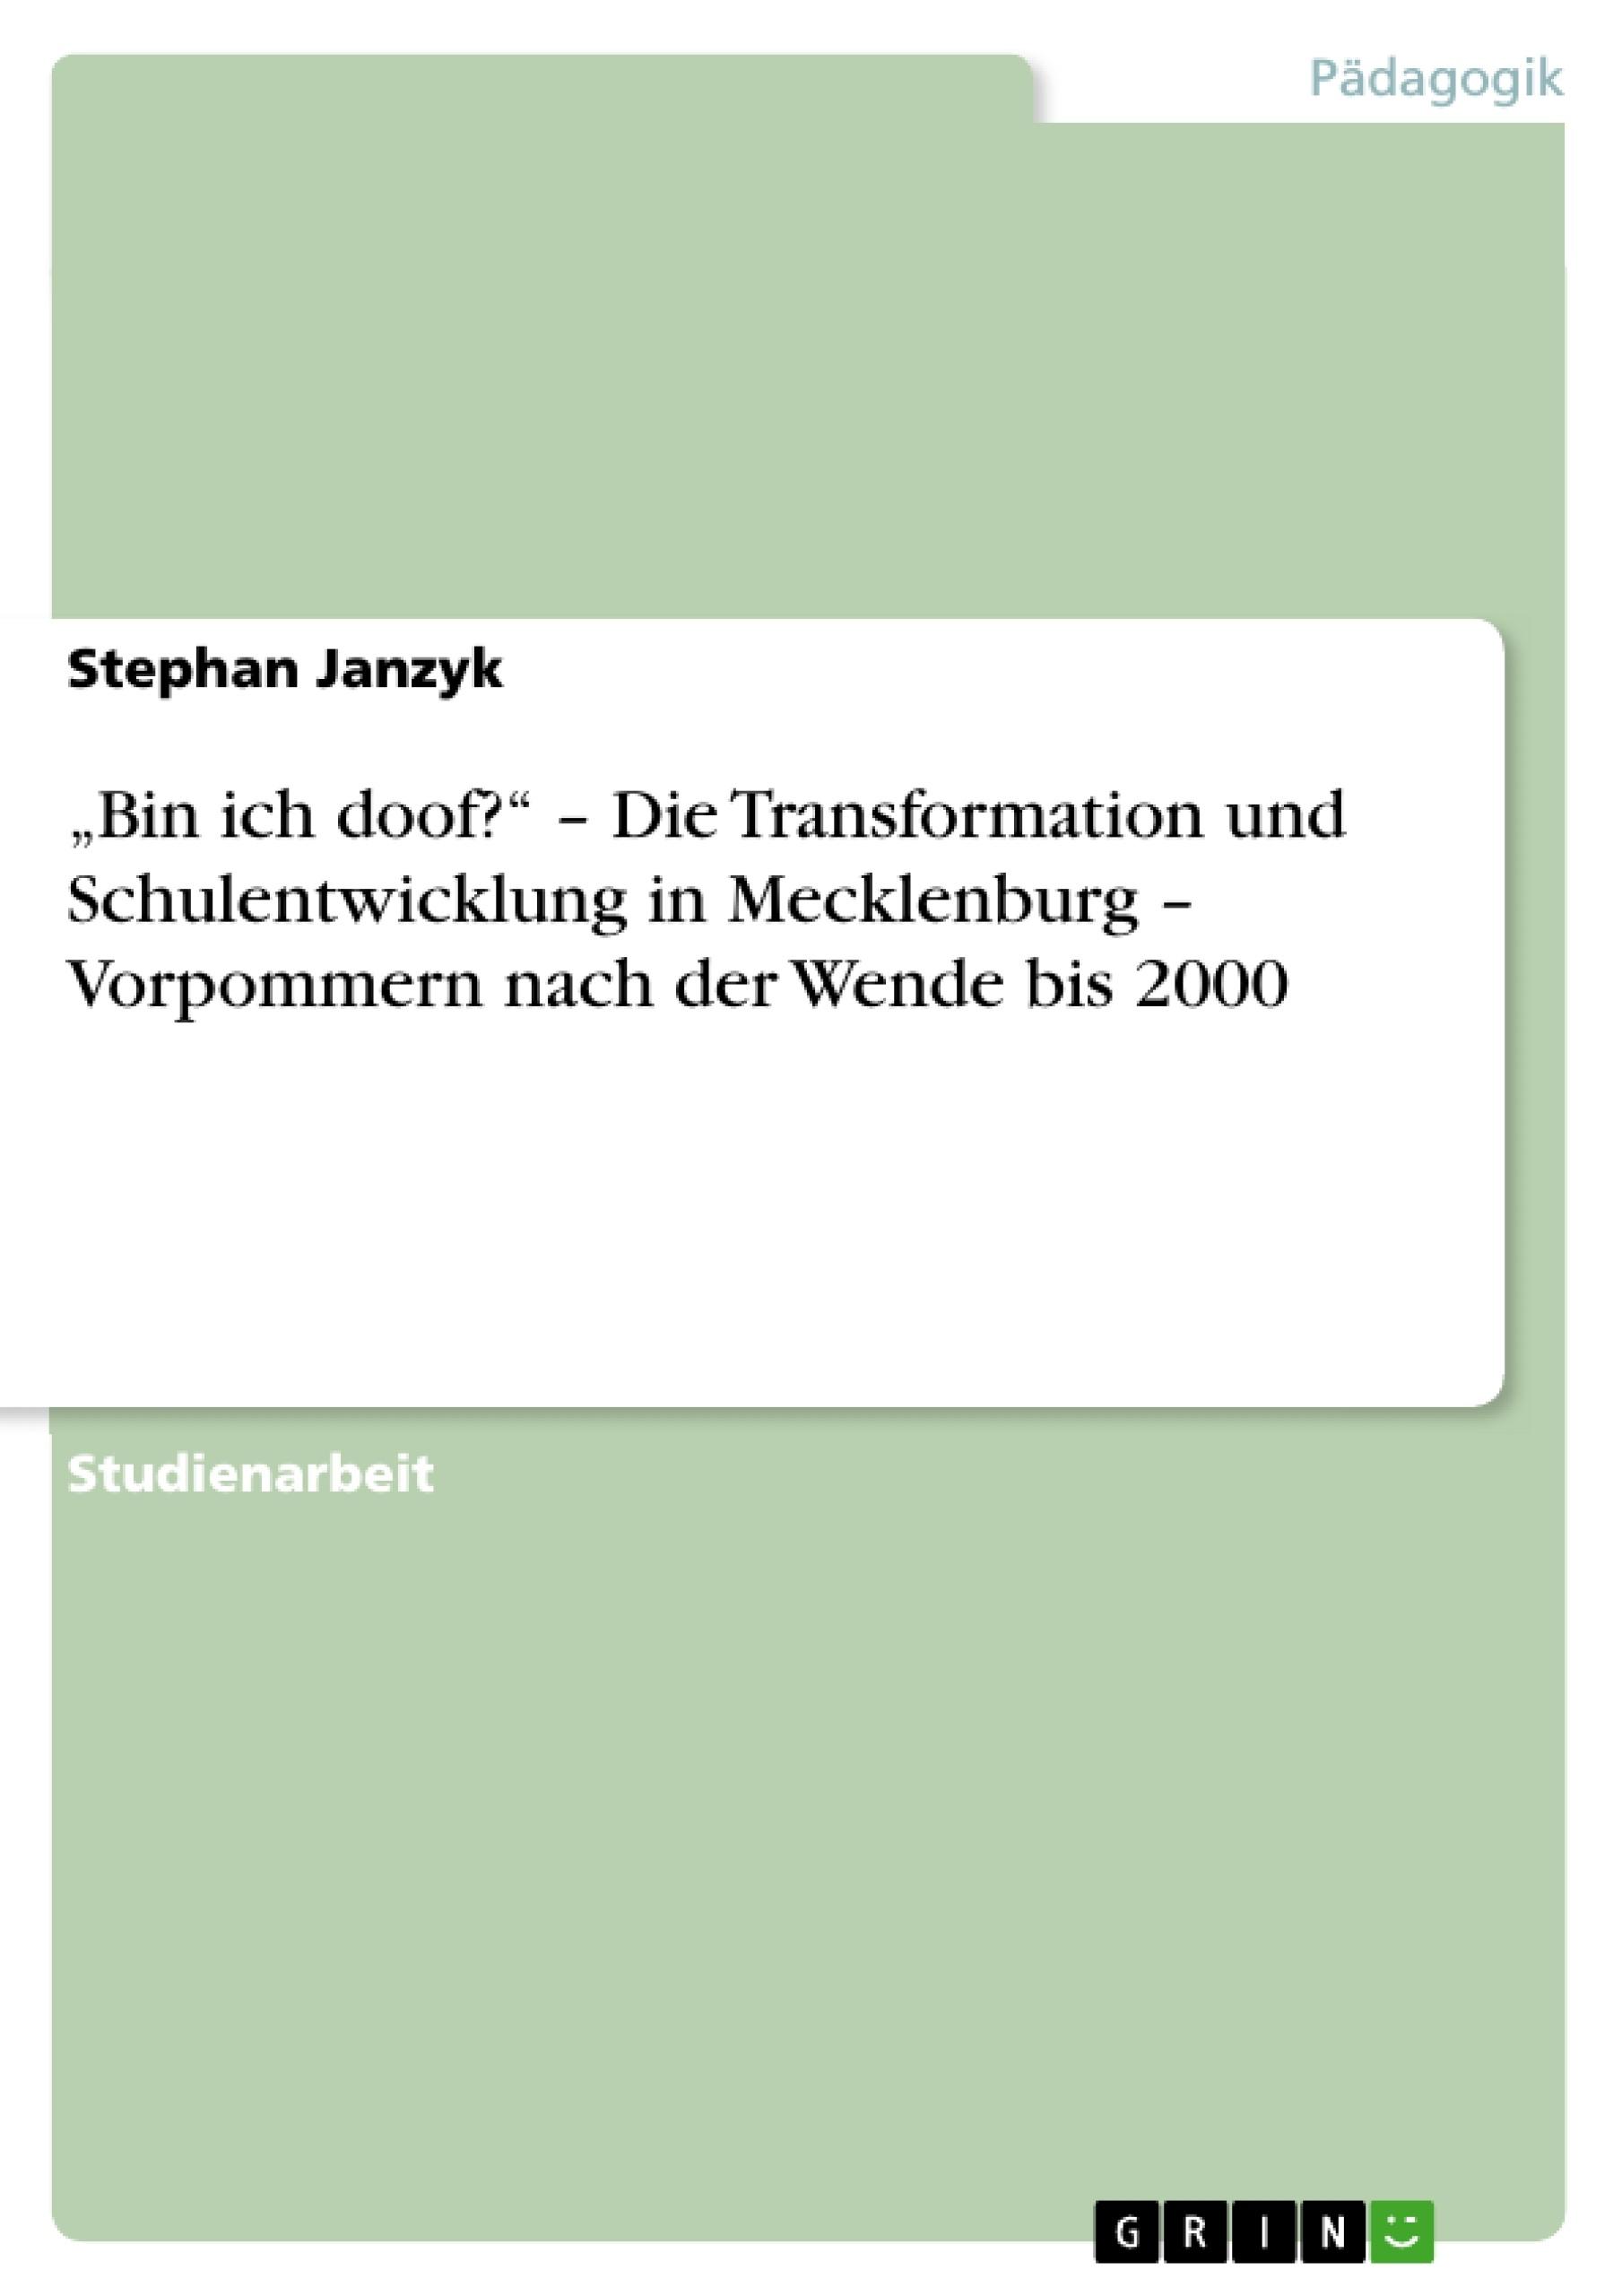 """Titel: """"Bin ich doof?"""" – Die Transformation und Schulentwicklung in Mecklenburg – Vorpommern nach der Wende bis 2000"""